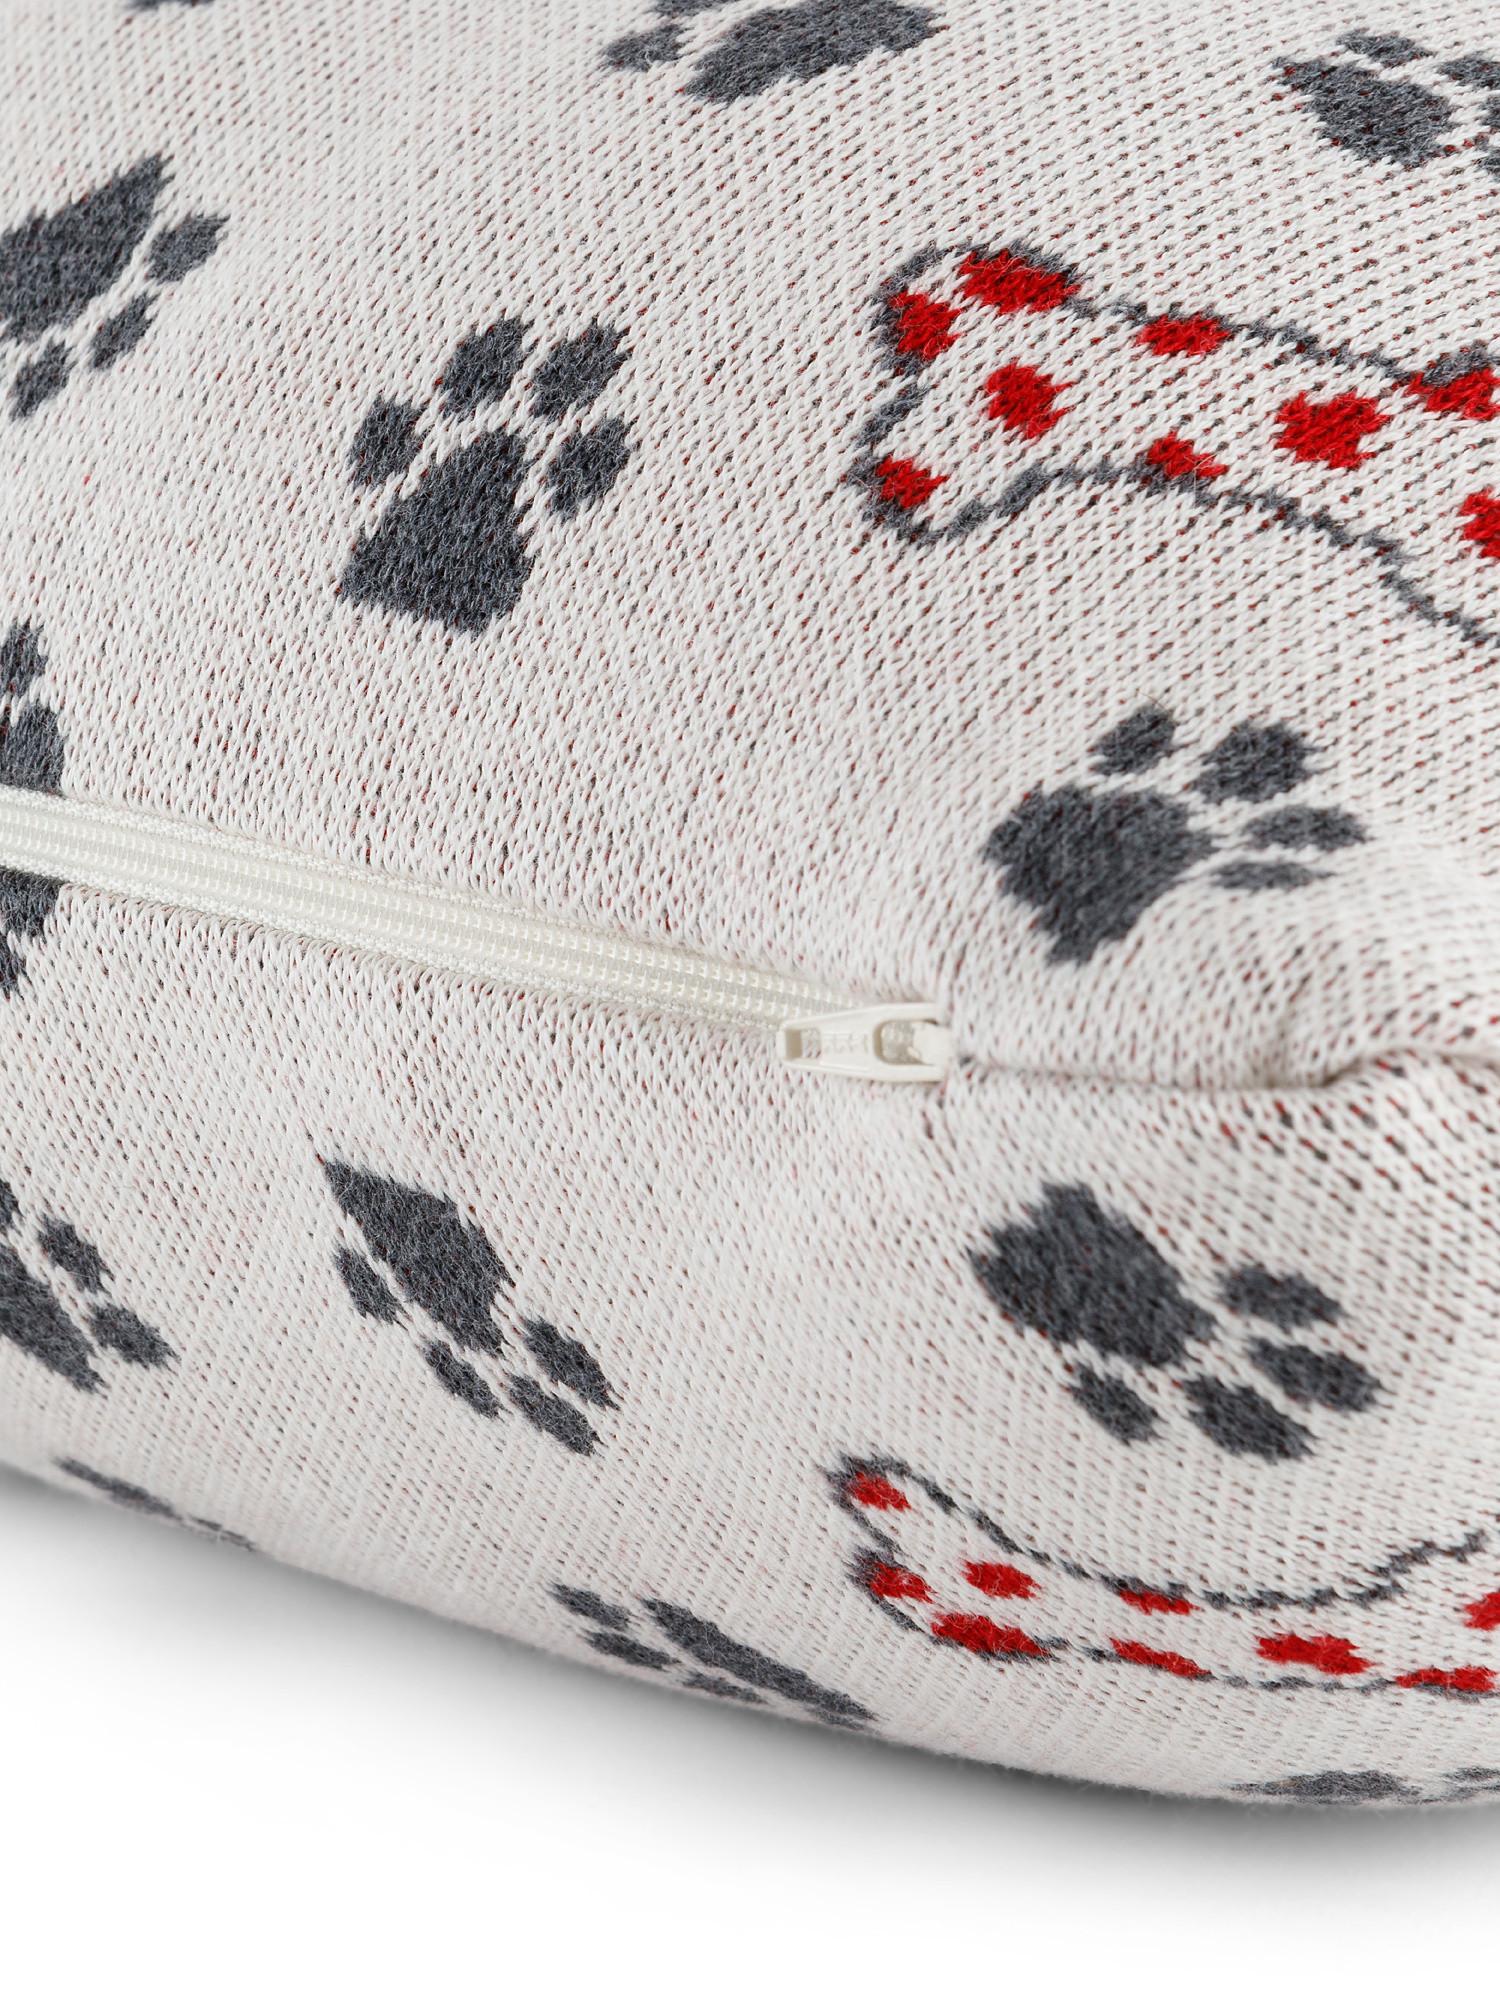 Cuscino maglia di cotone motivo zampette, Beige chiaro, large image number 1